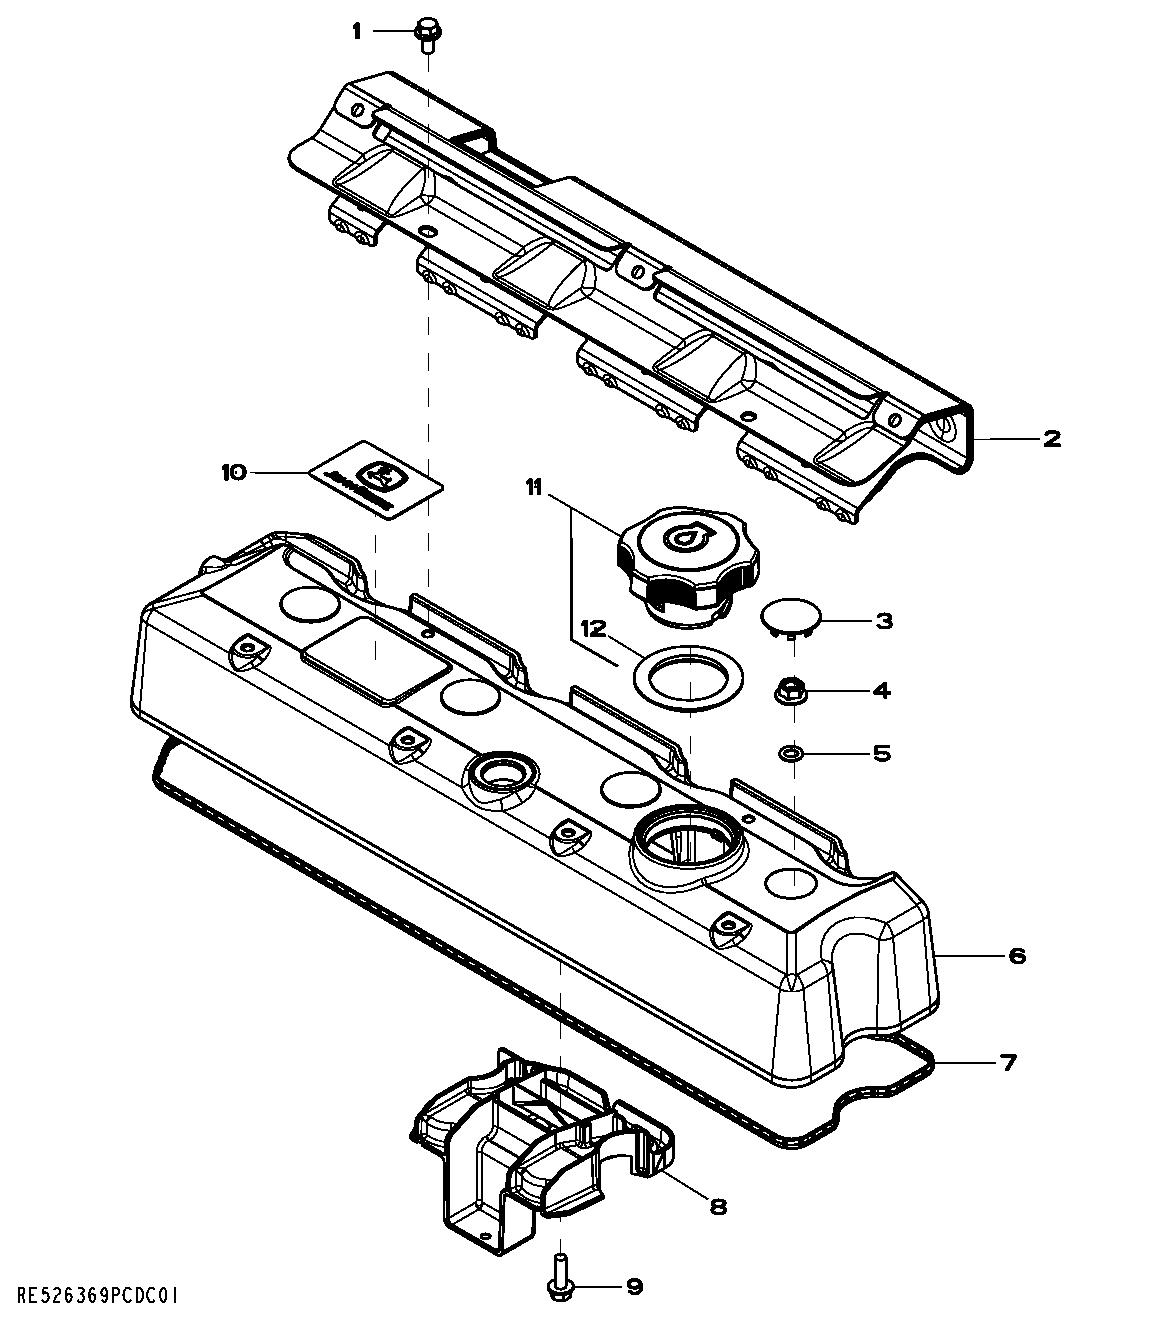 P65C13 For Model: M65C13 PARTS CATALOG. Marine Generators